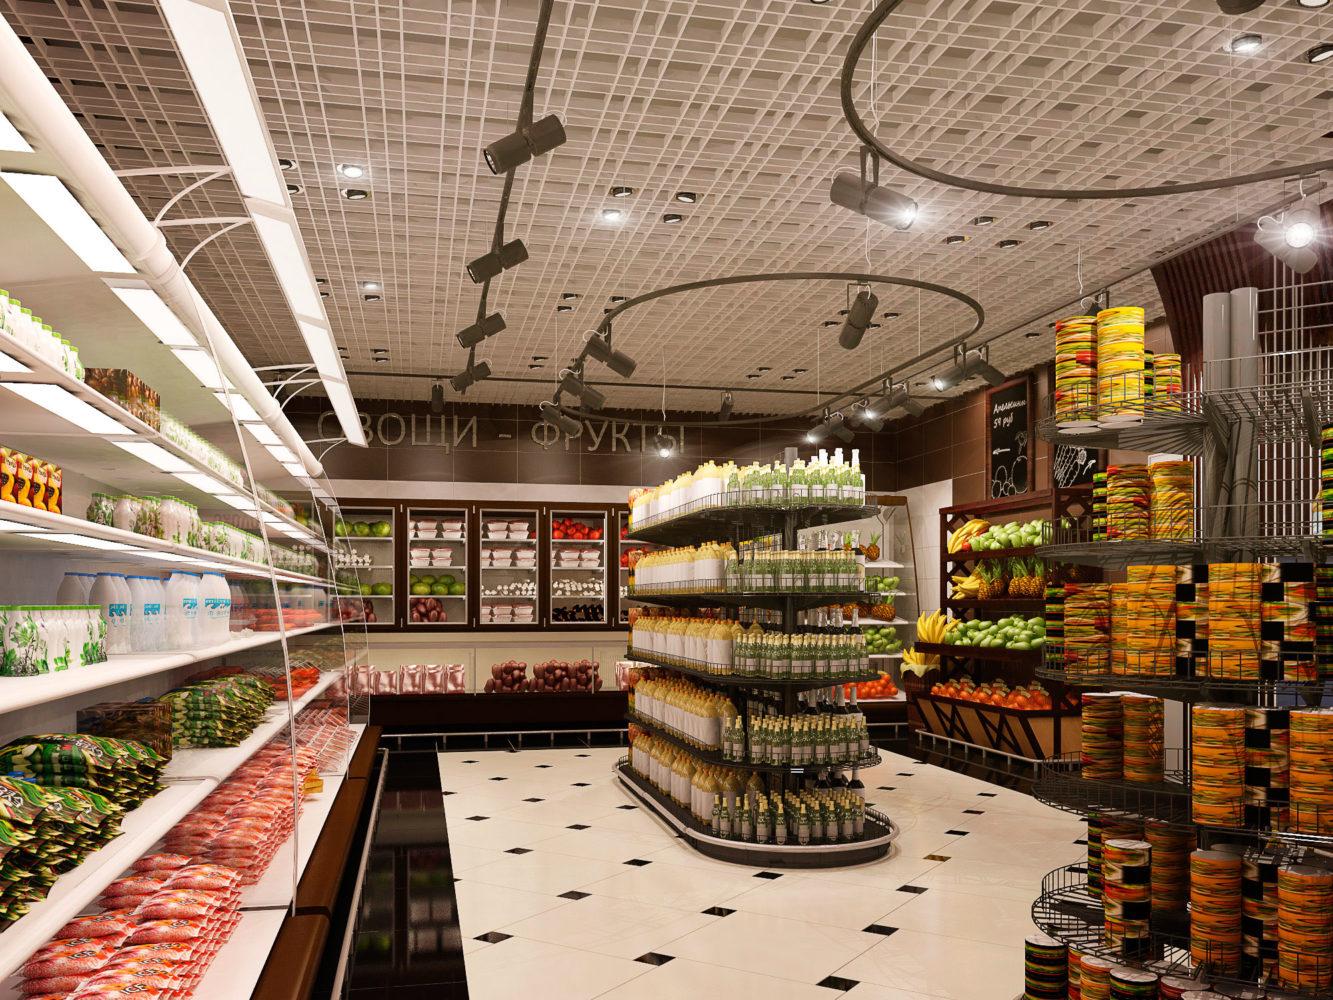 Дизайн продуктового магазина внутри фото накладывают